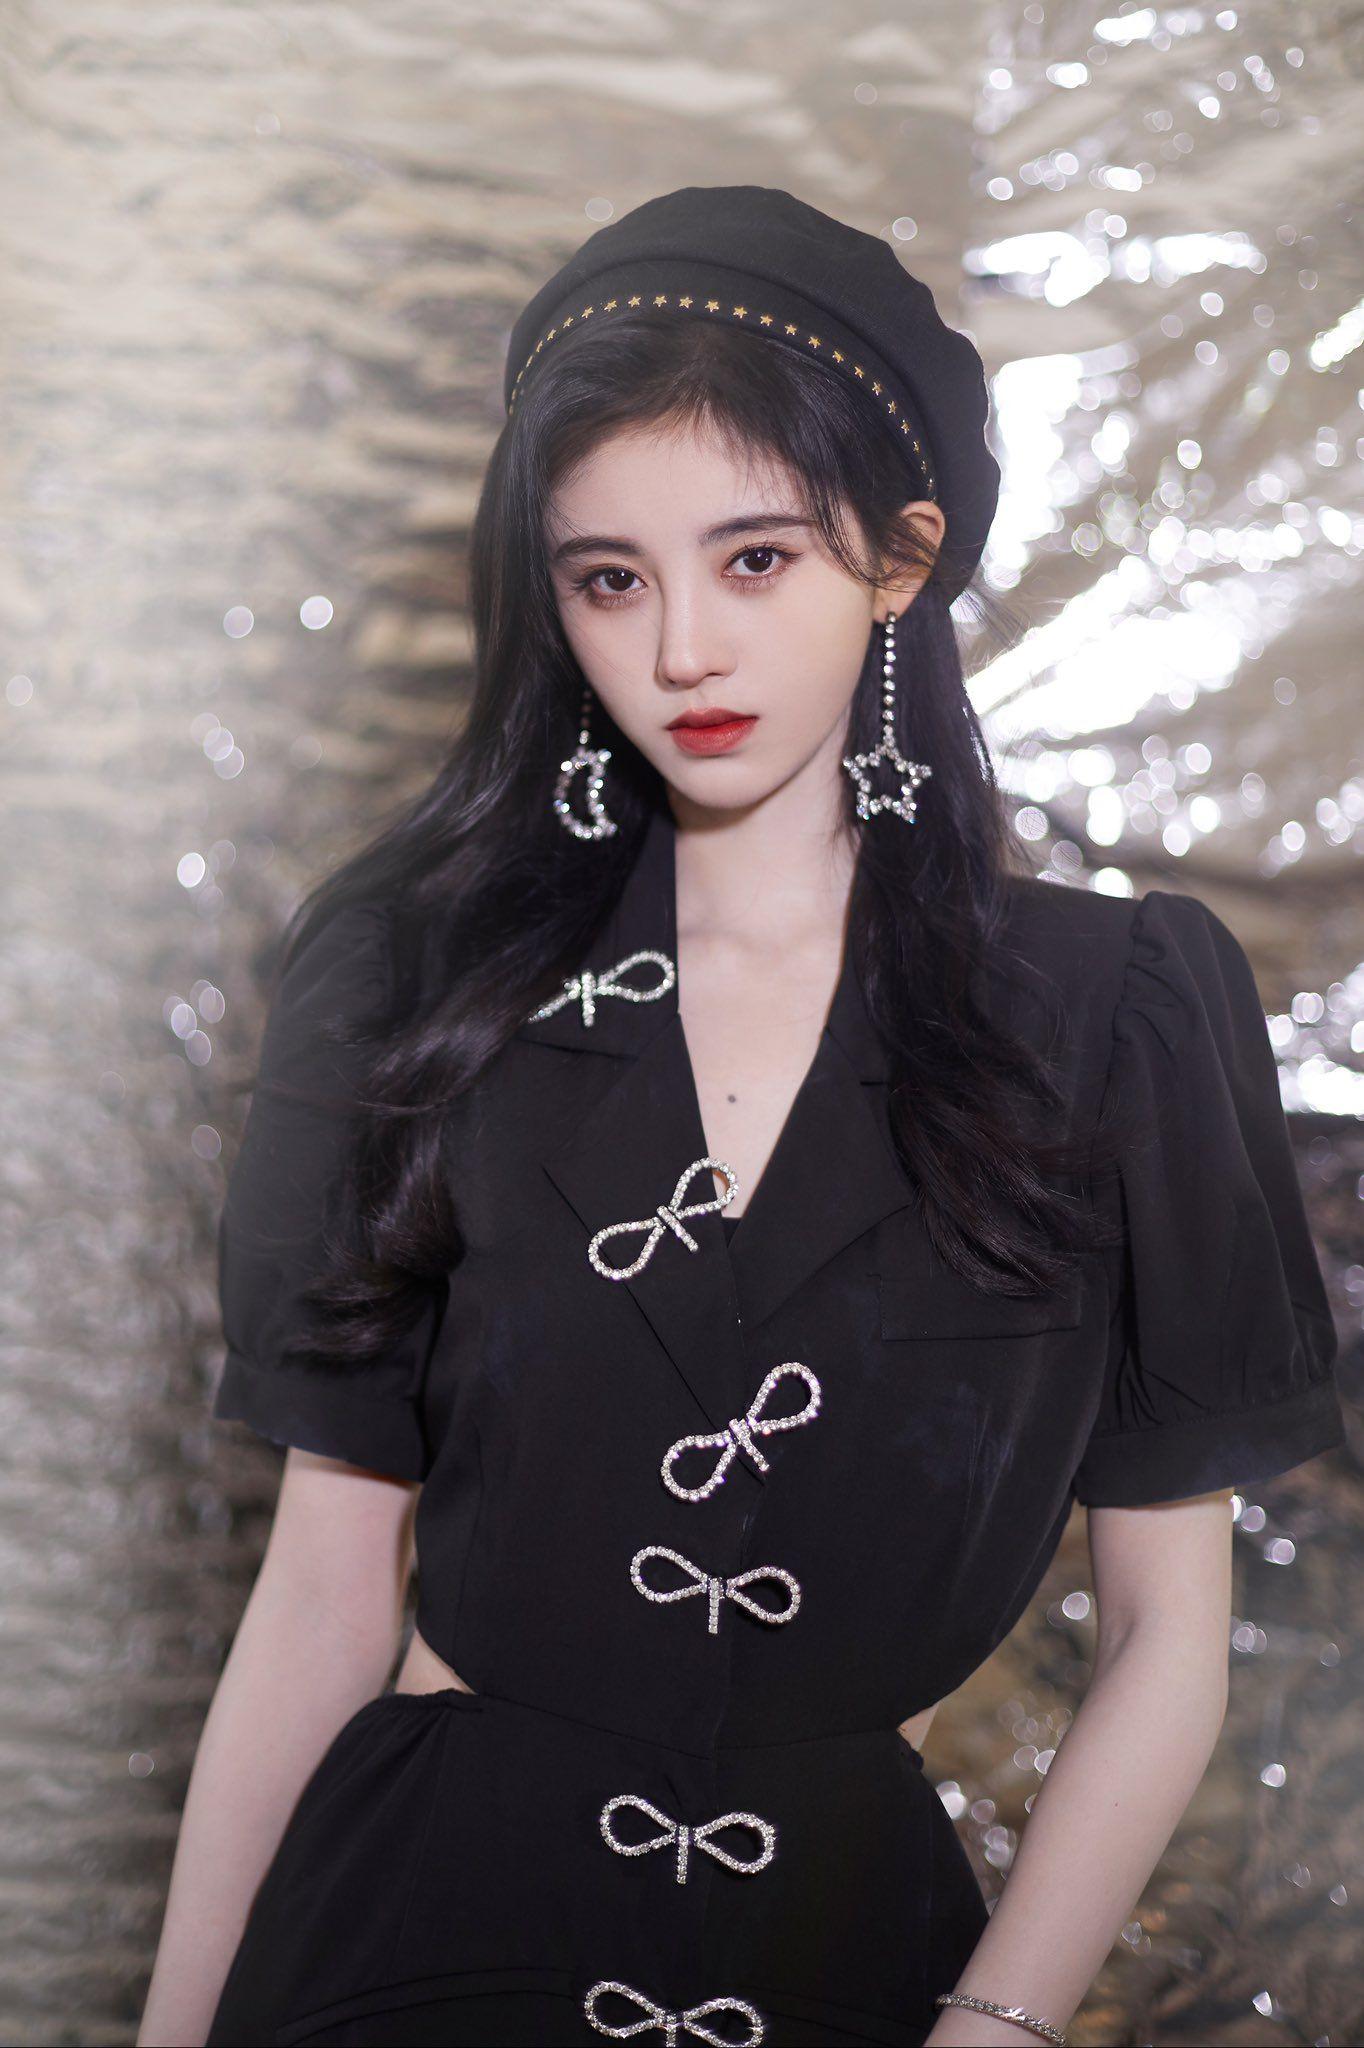 Former SNH48 Member, Ju Jingyi, Suspected of Getting